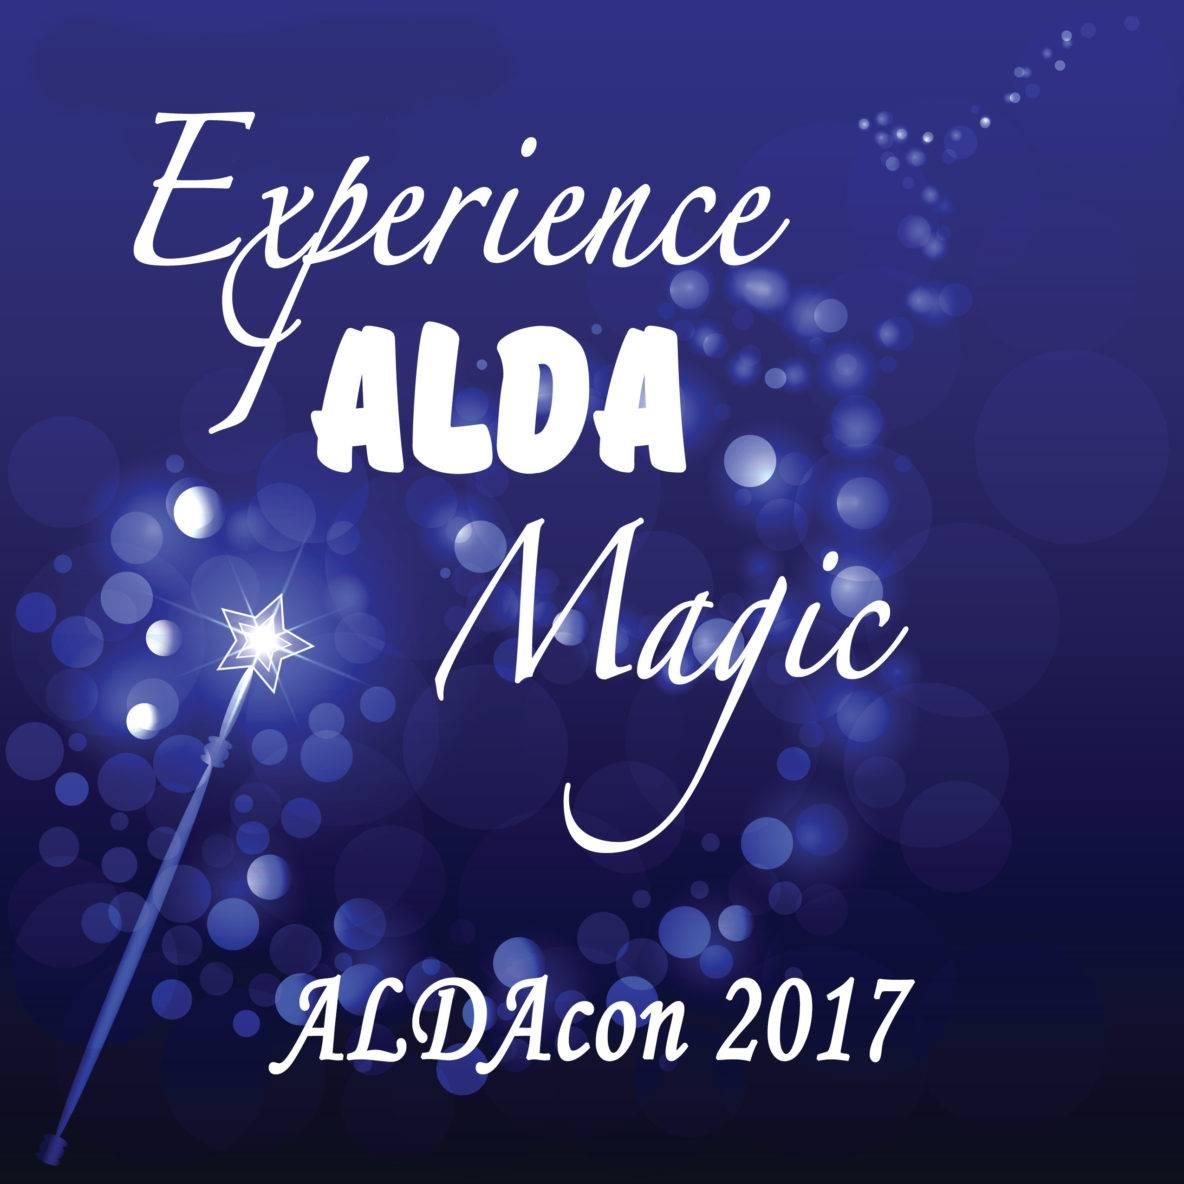 image of experience alda magic